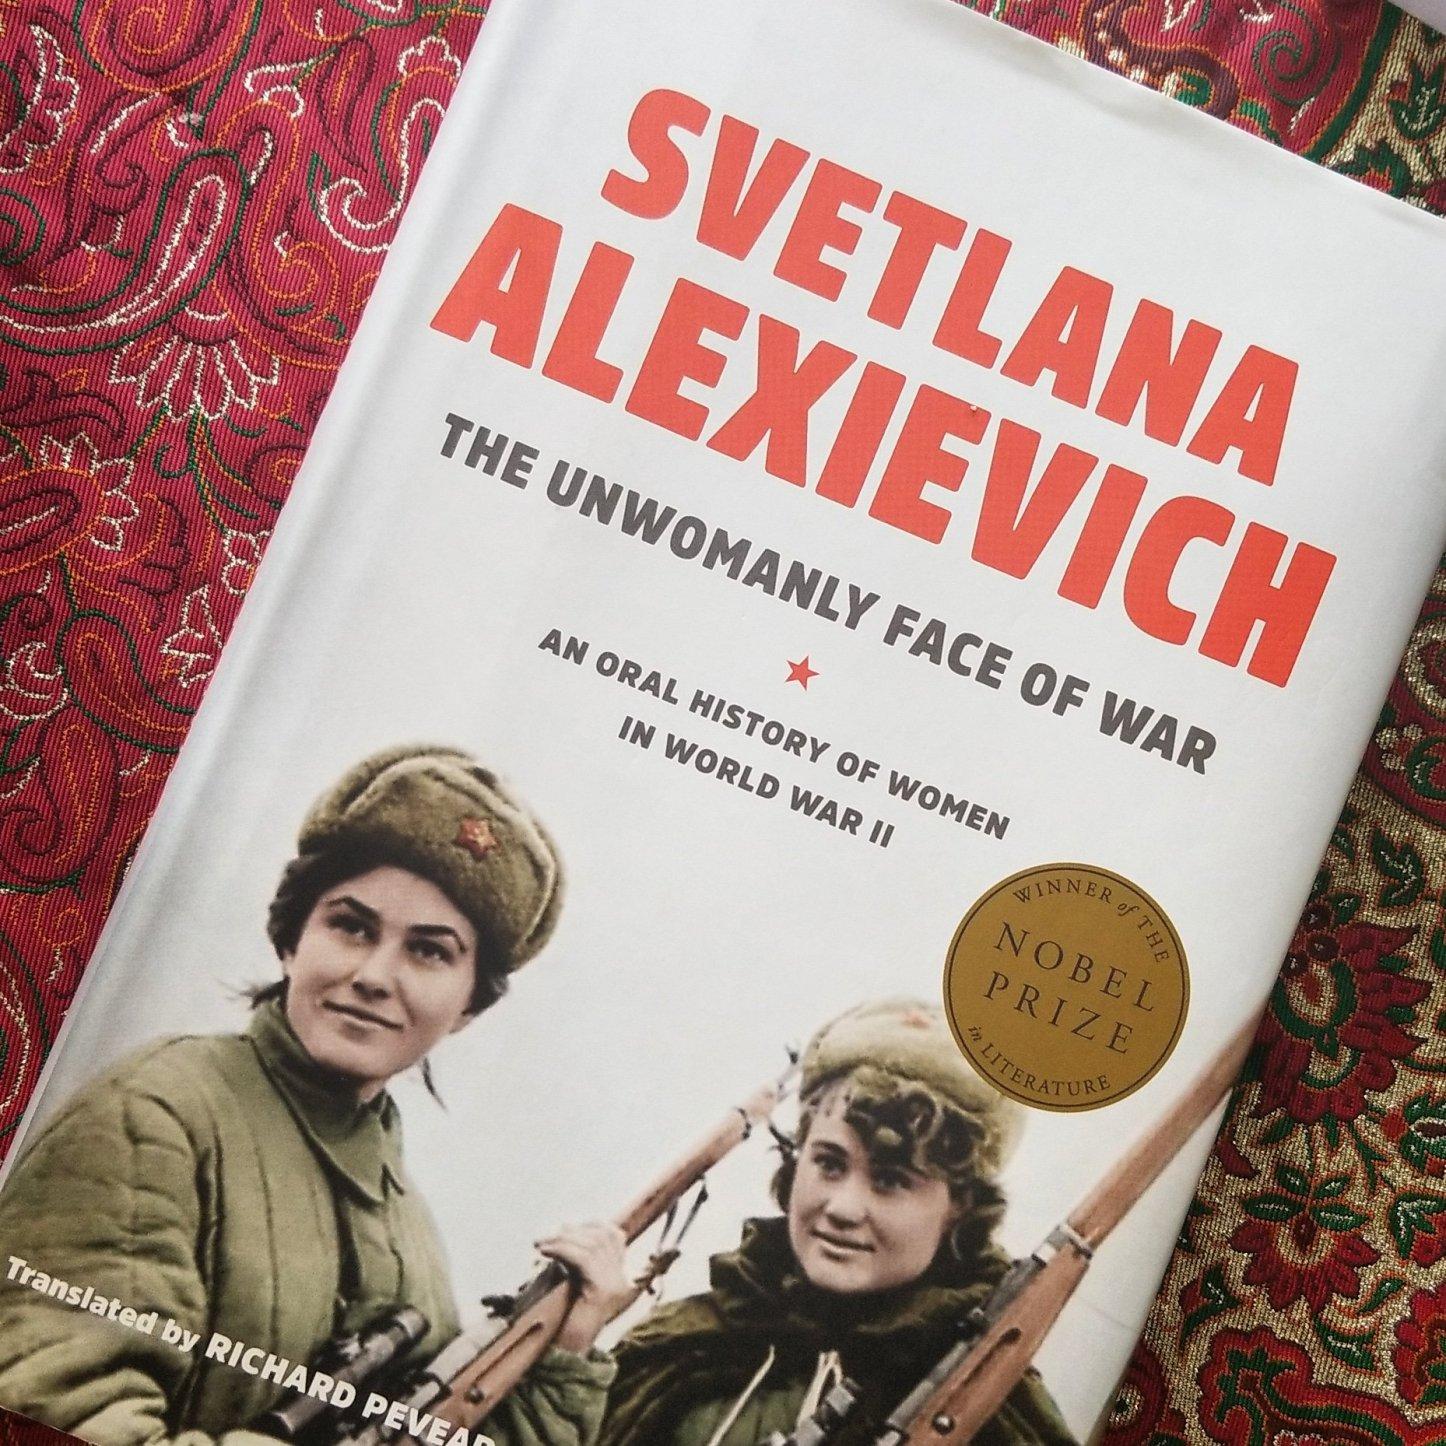 چهره غیرزنانه جنگ: یک کتاب عالی